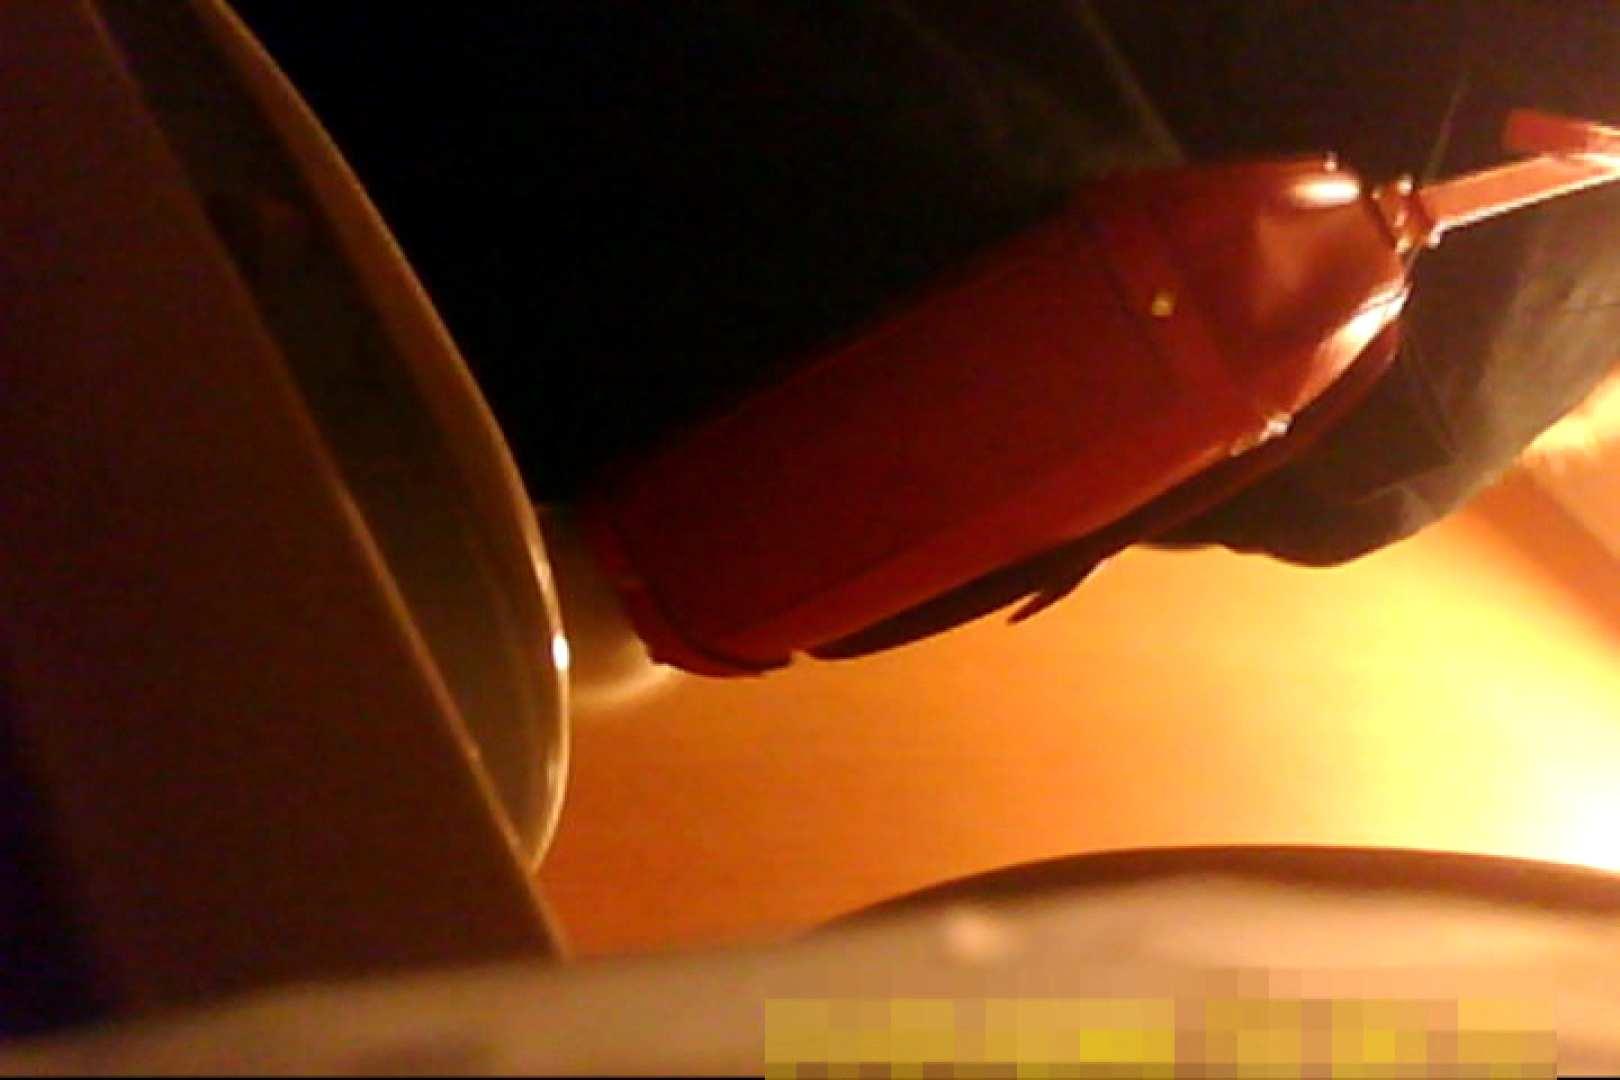 魅惑の化粧室~禁断のプライベート空間~vol.7 プライベート | 美女OL  110連発 41